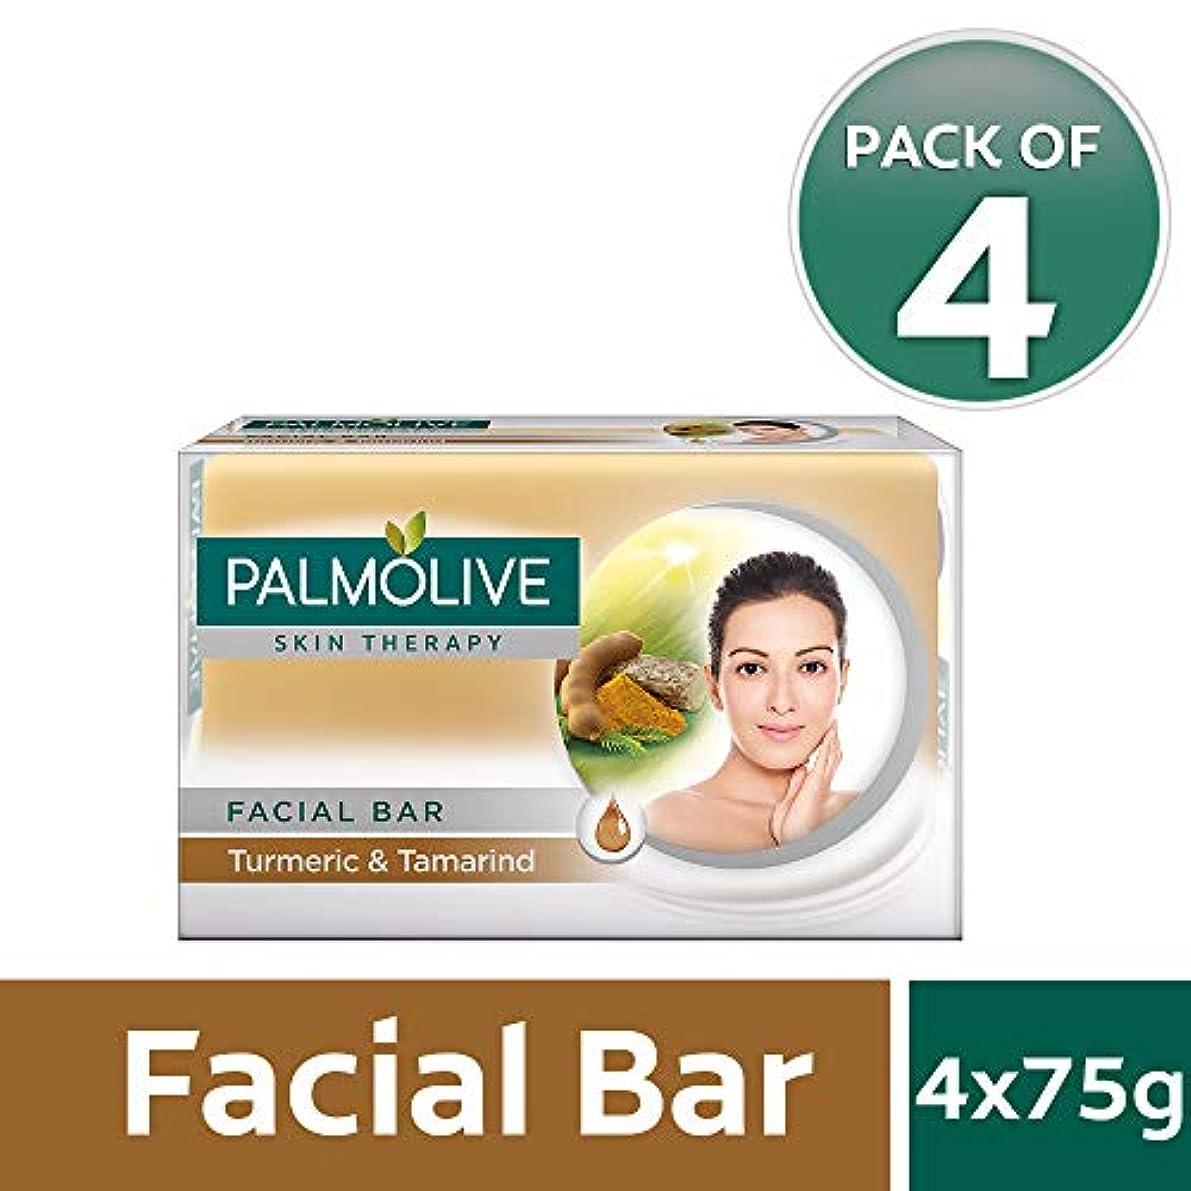 お手入れパキスタン人読書Palmolive Skin Therapy Facial Bar Soap with Turmeric and Tamarind - 75g (Pack of 4)